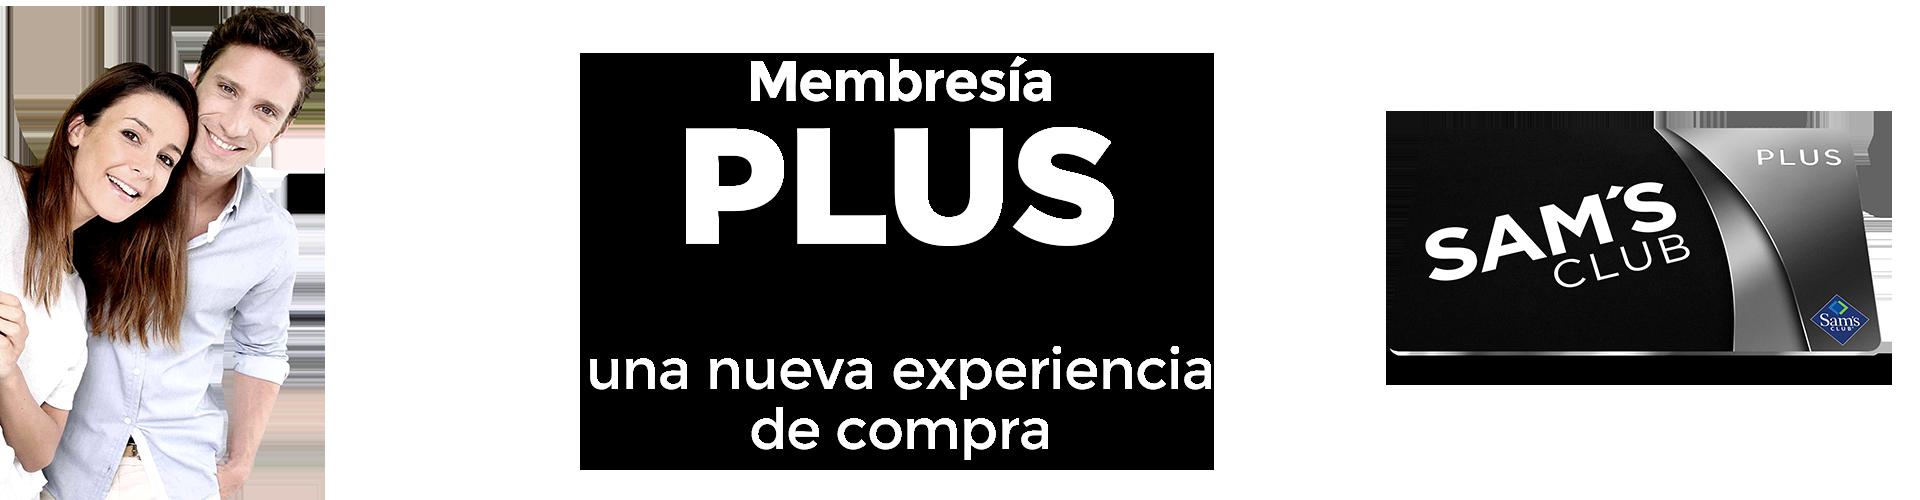 Beneficios de tu Membresía Plus